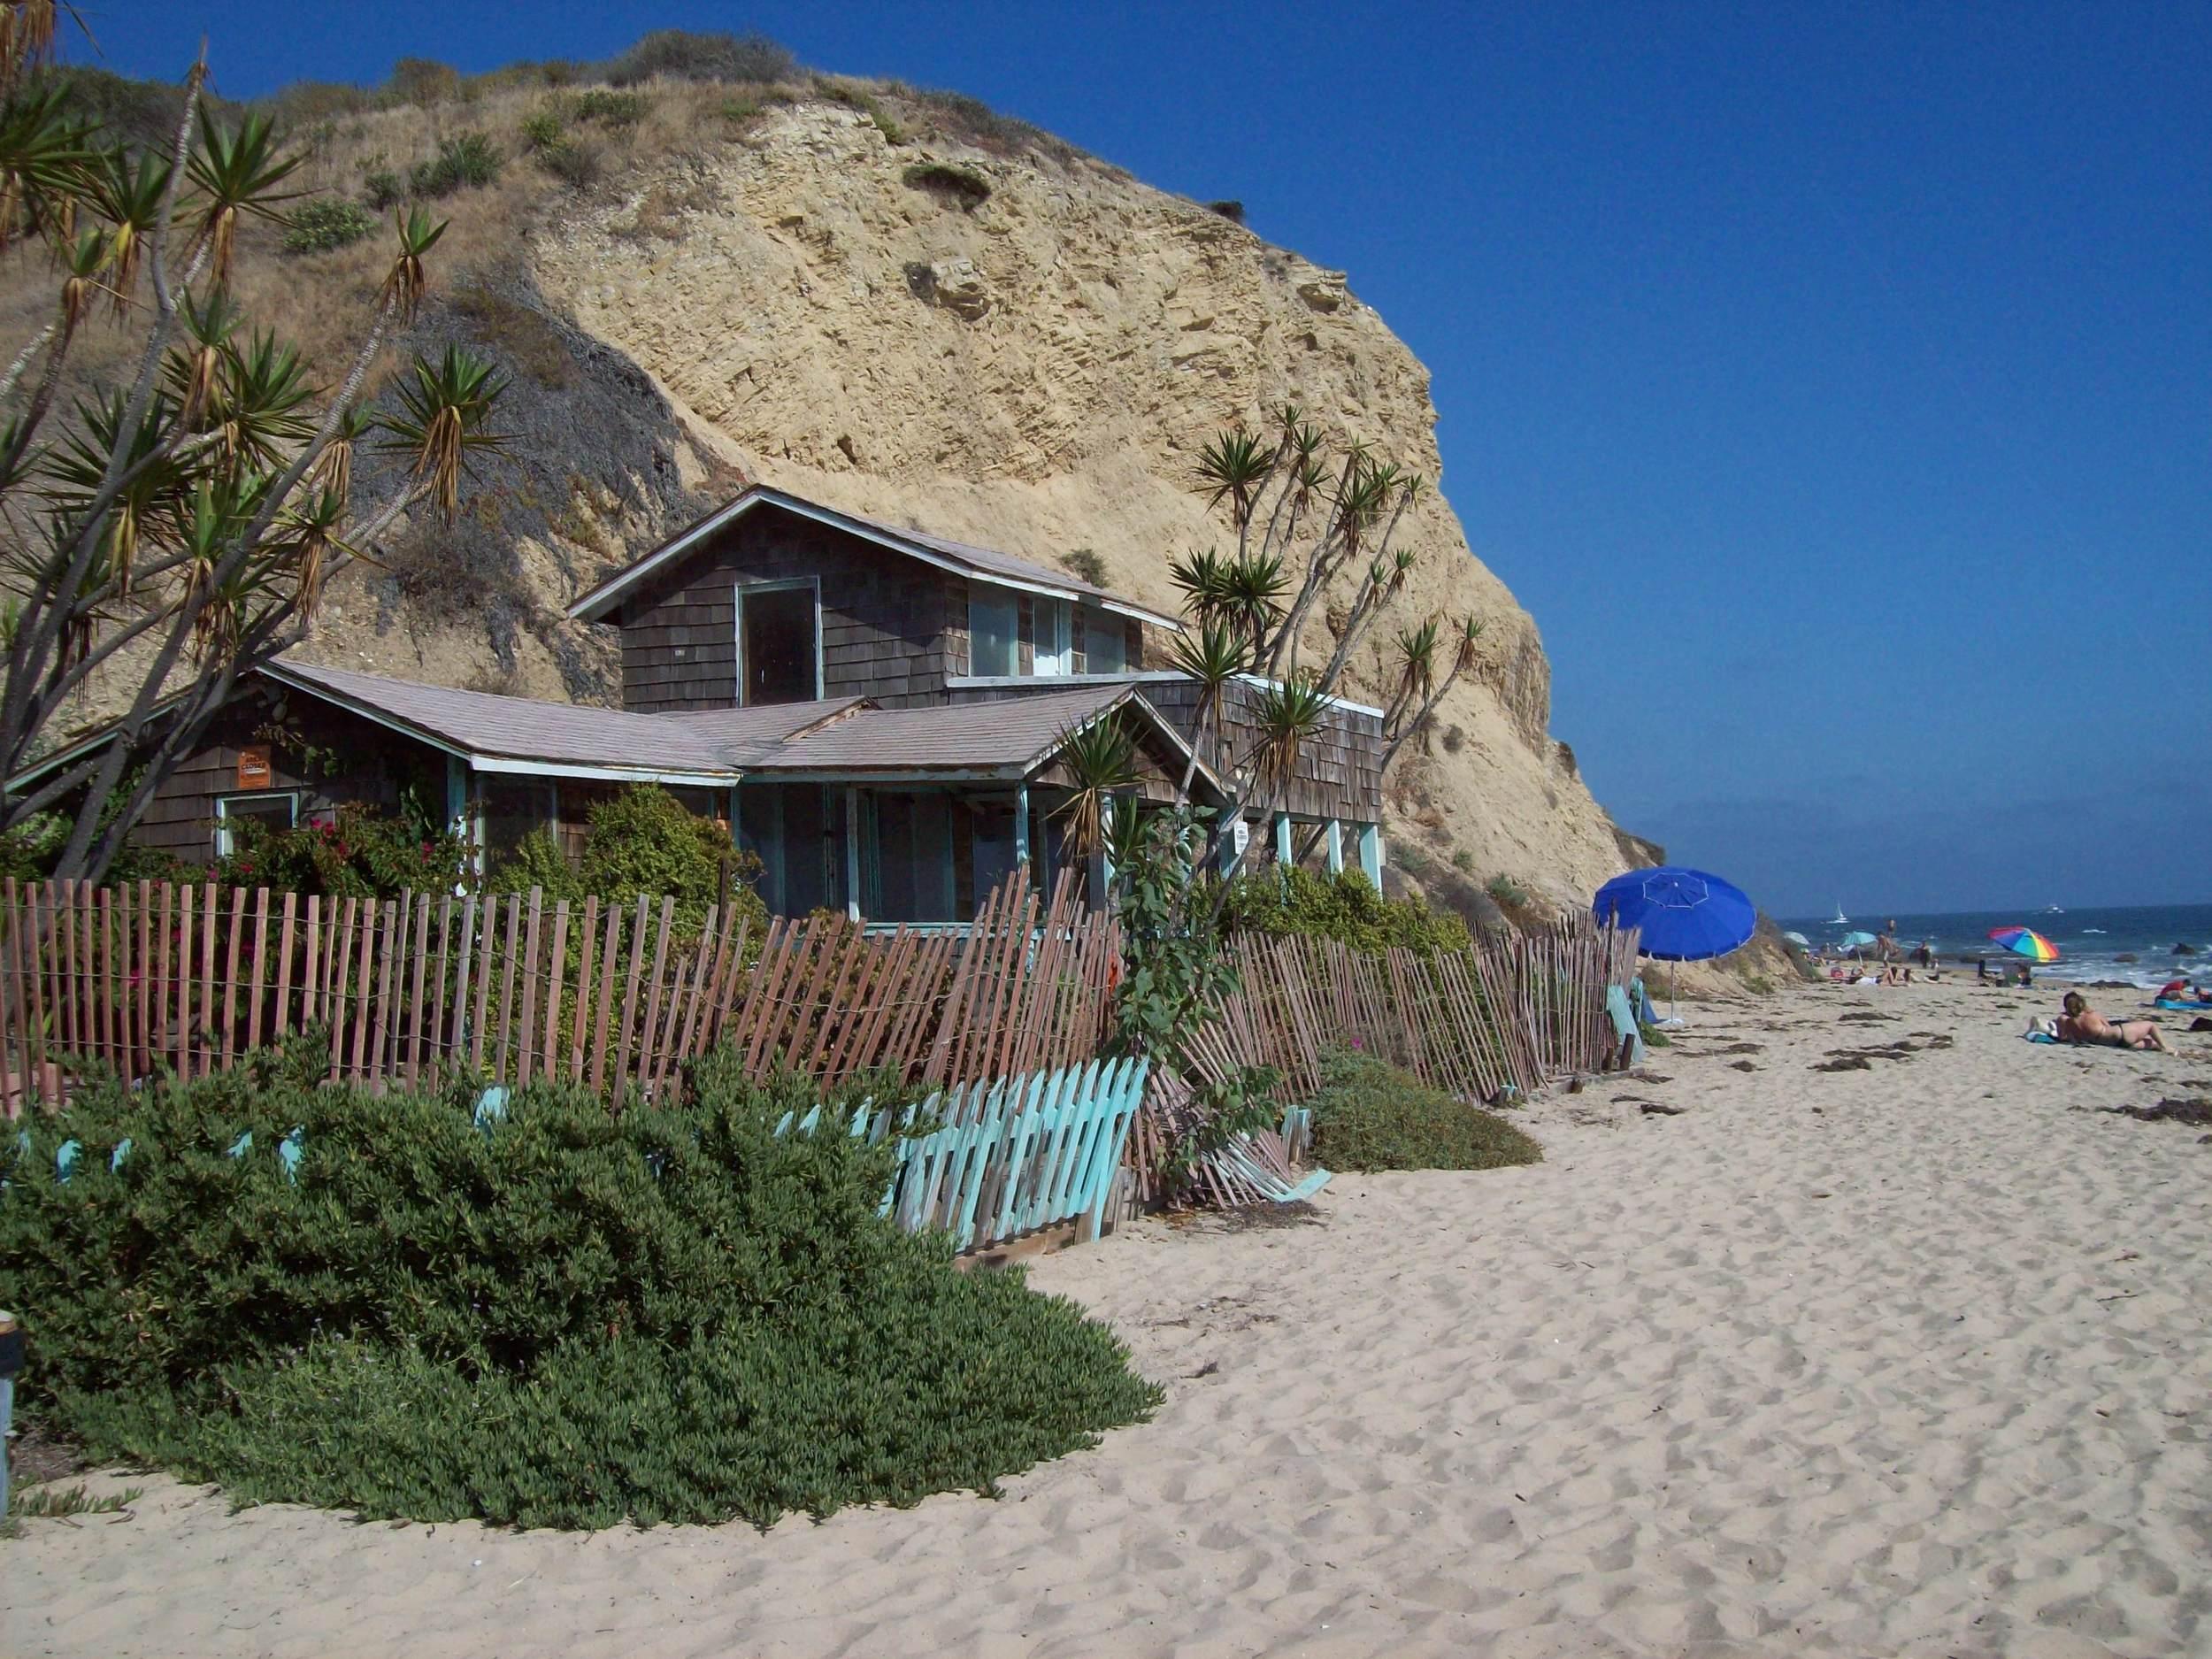 beachescottage.JPG